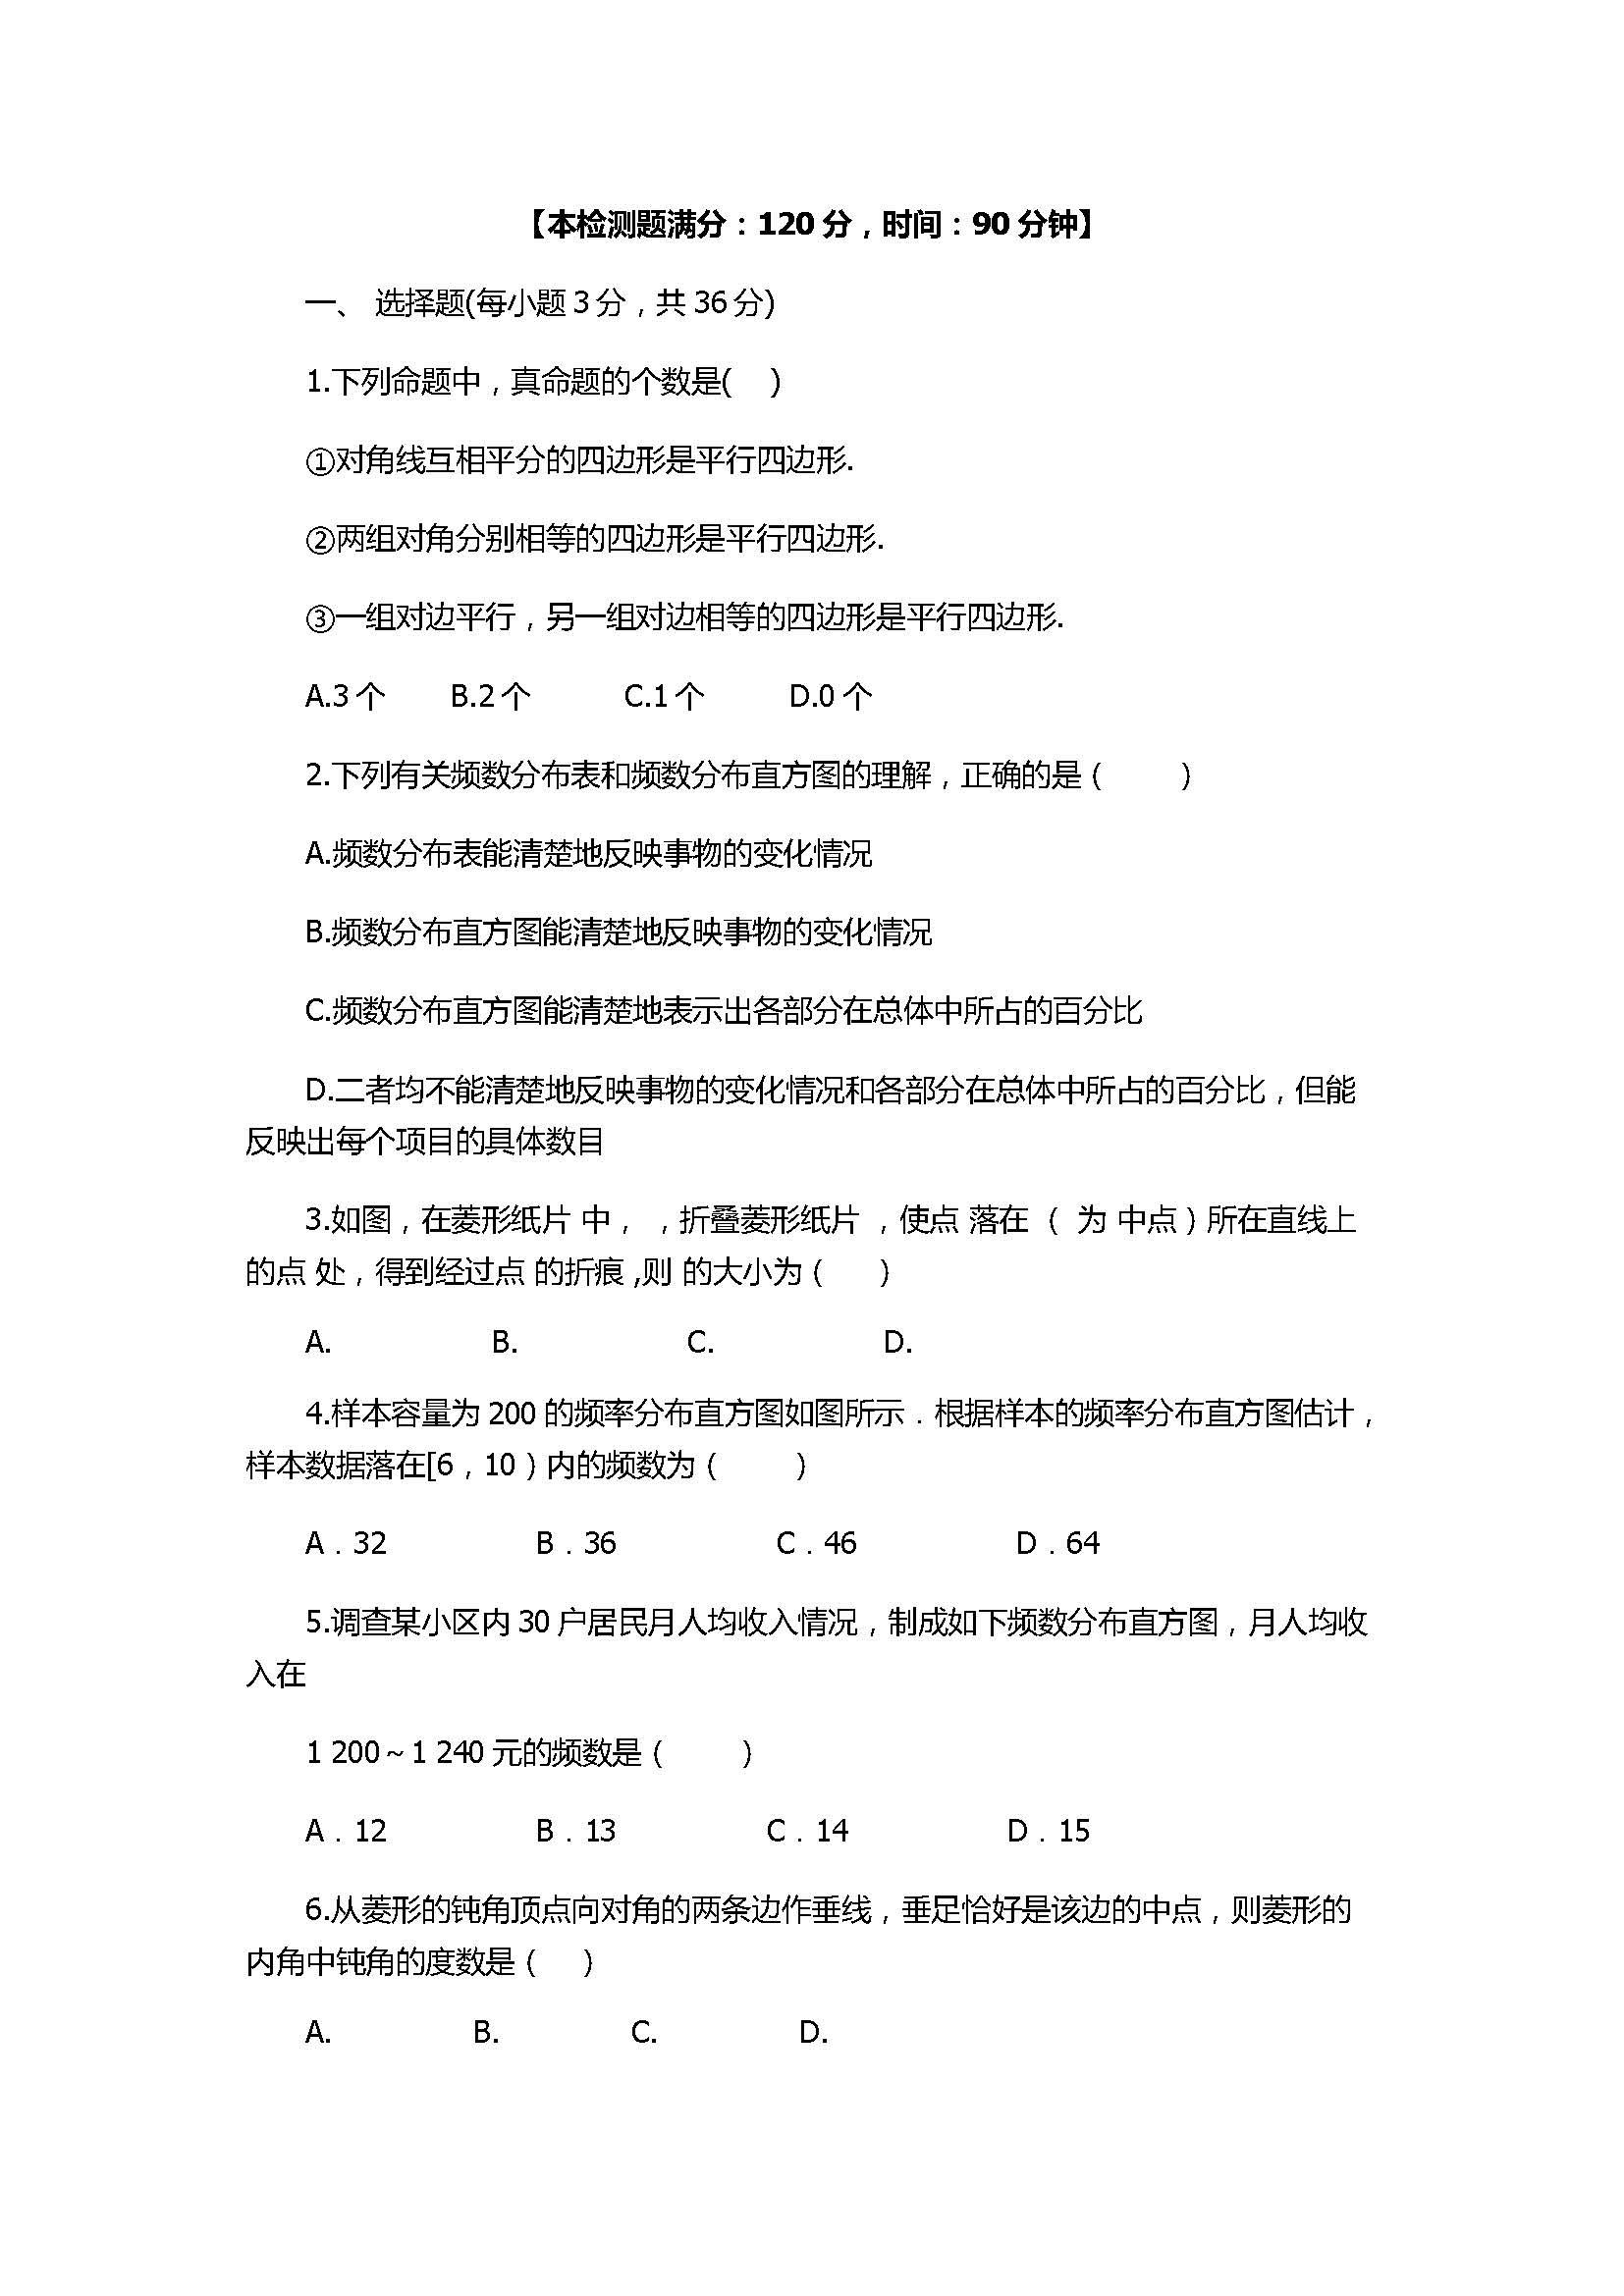 2017八年级数学下册期中检测试题带参考答案(苏科版)